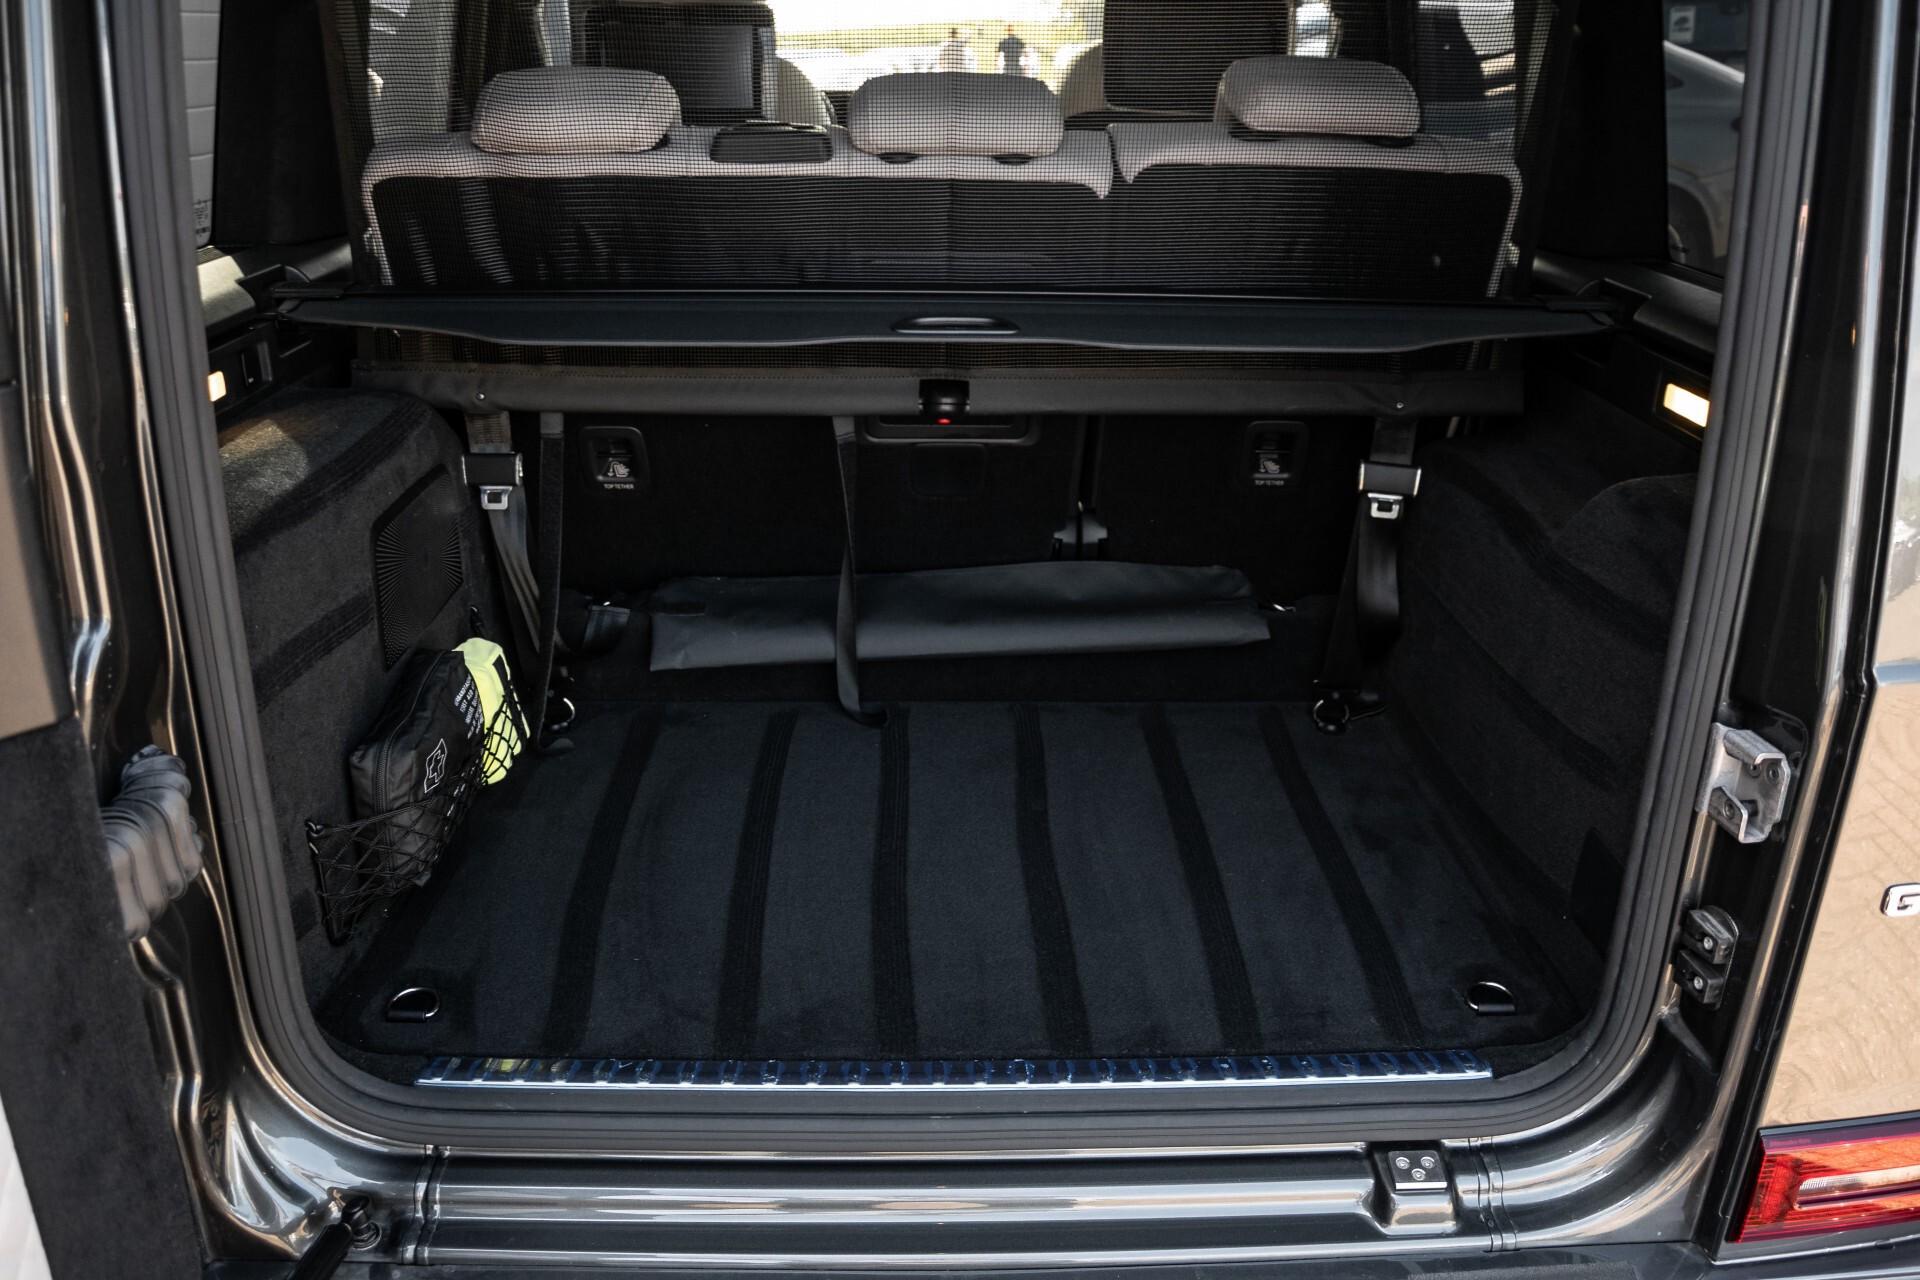 Mercedes-Benz G-Klasse 63 Manufaktur/Carbon/Massage/Entertainment/Drivers Package/TV Aut9 Foto 61